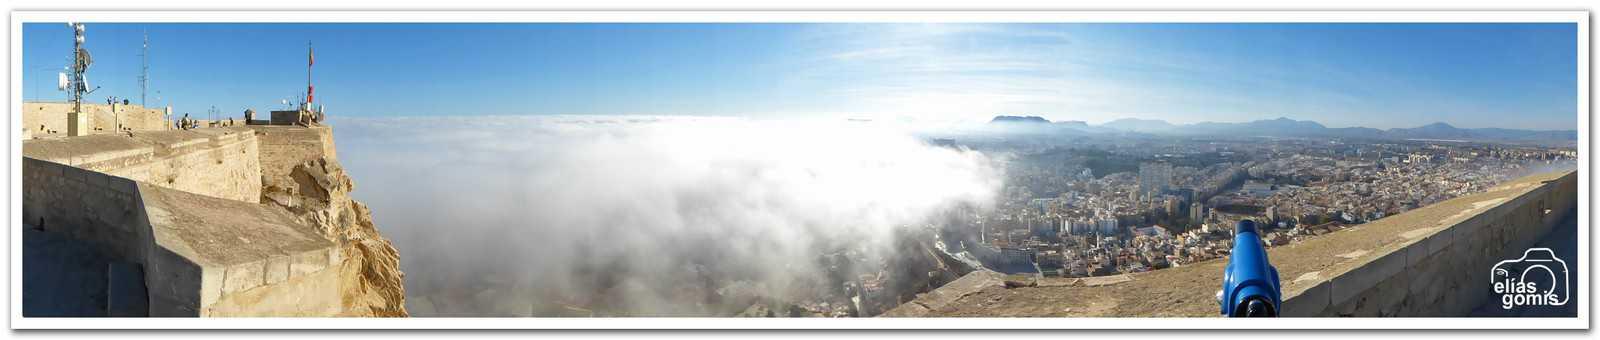 pano niebla 1 070414